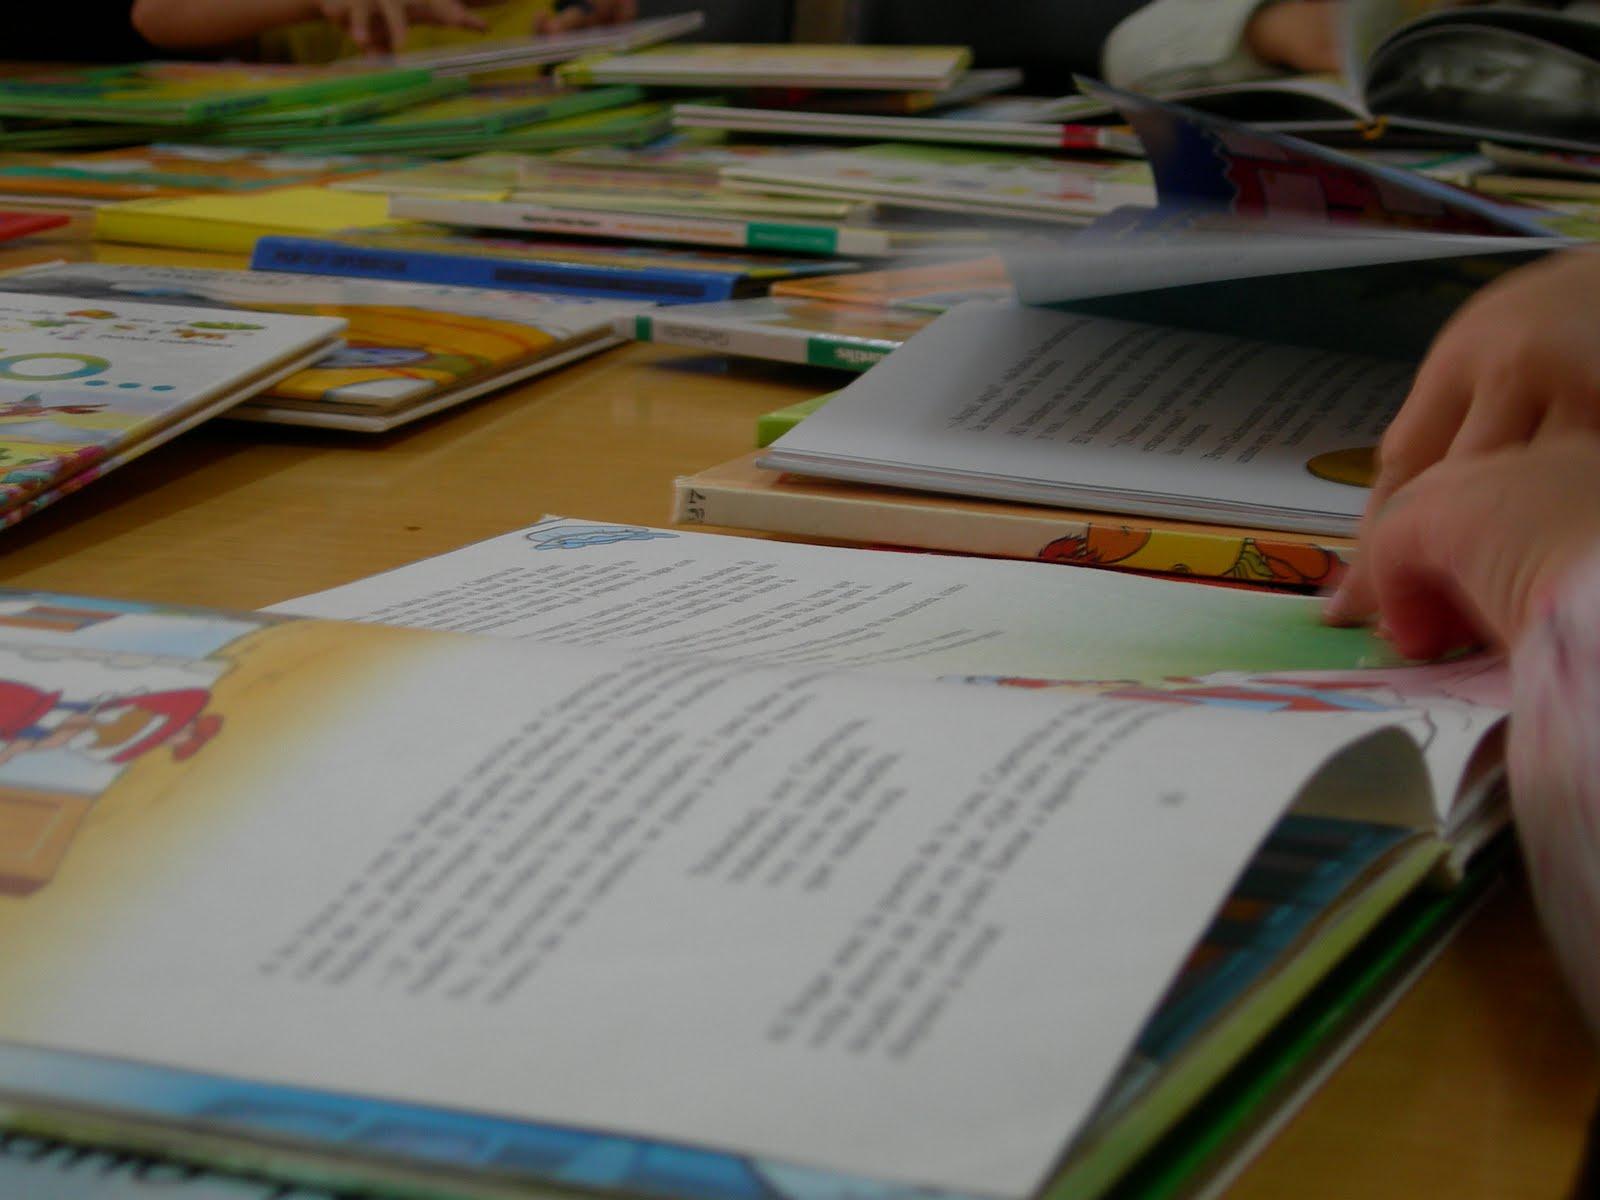 Exceso Deberes Escolares Relación con malos Resultados PISA de los Alumnos Españoles 3